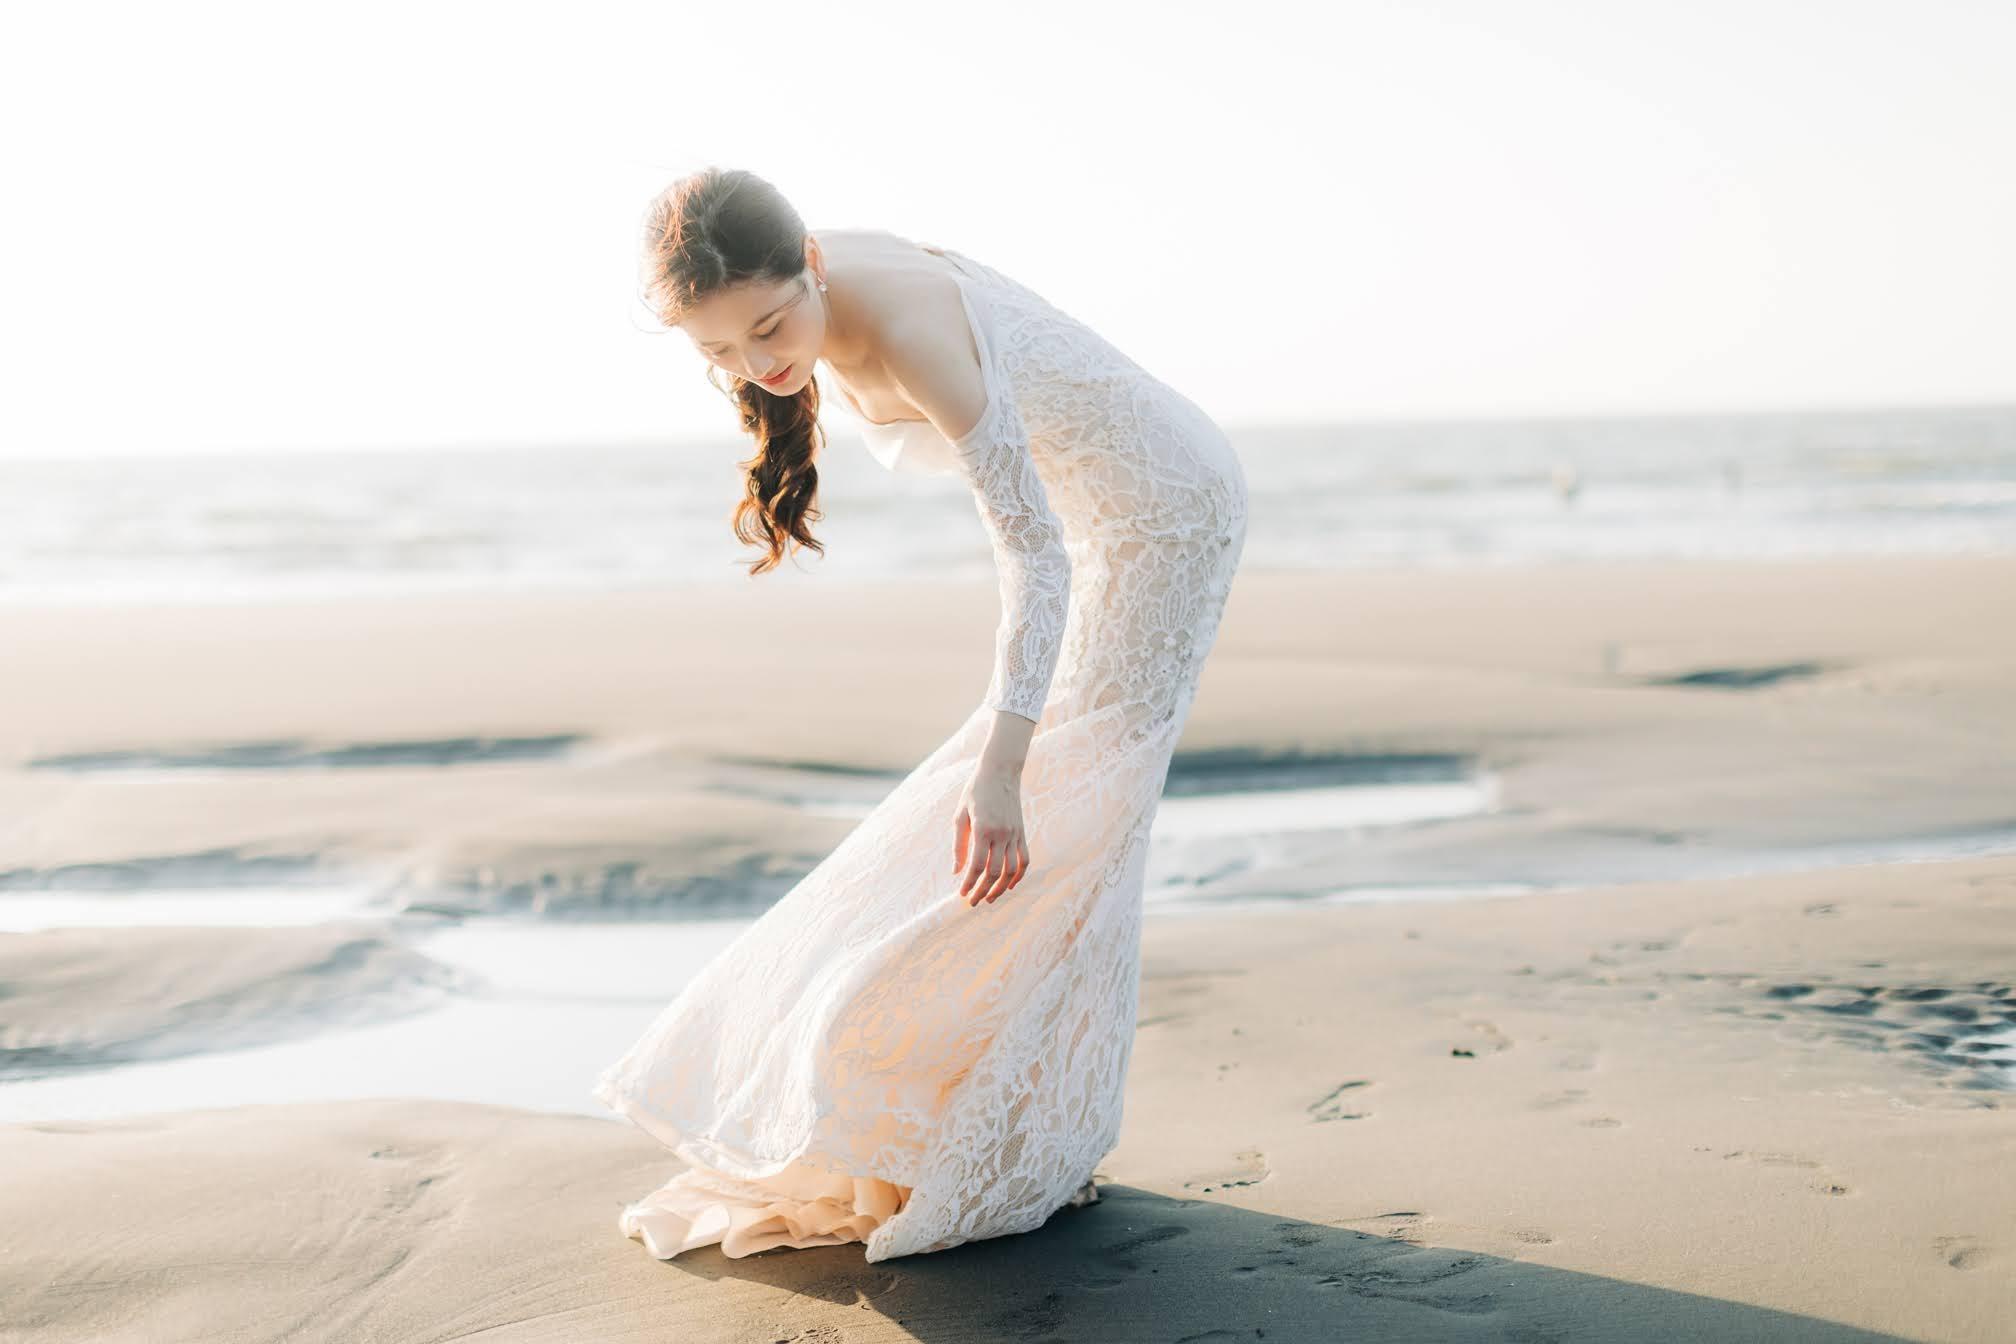 台中美式自助婚紗外拍攝景點